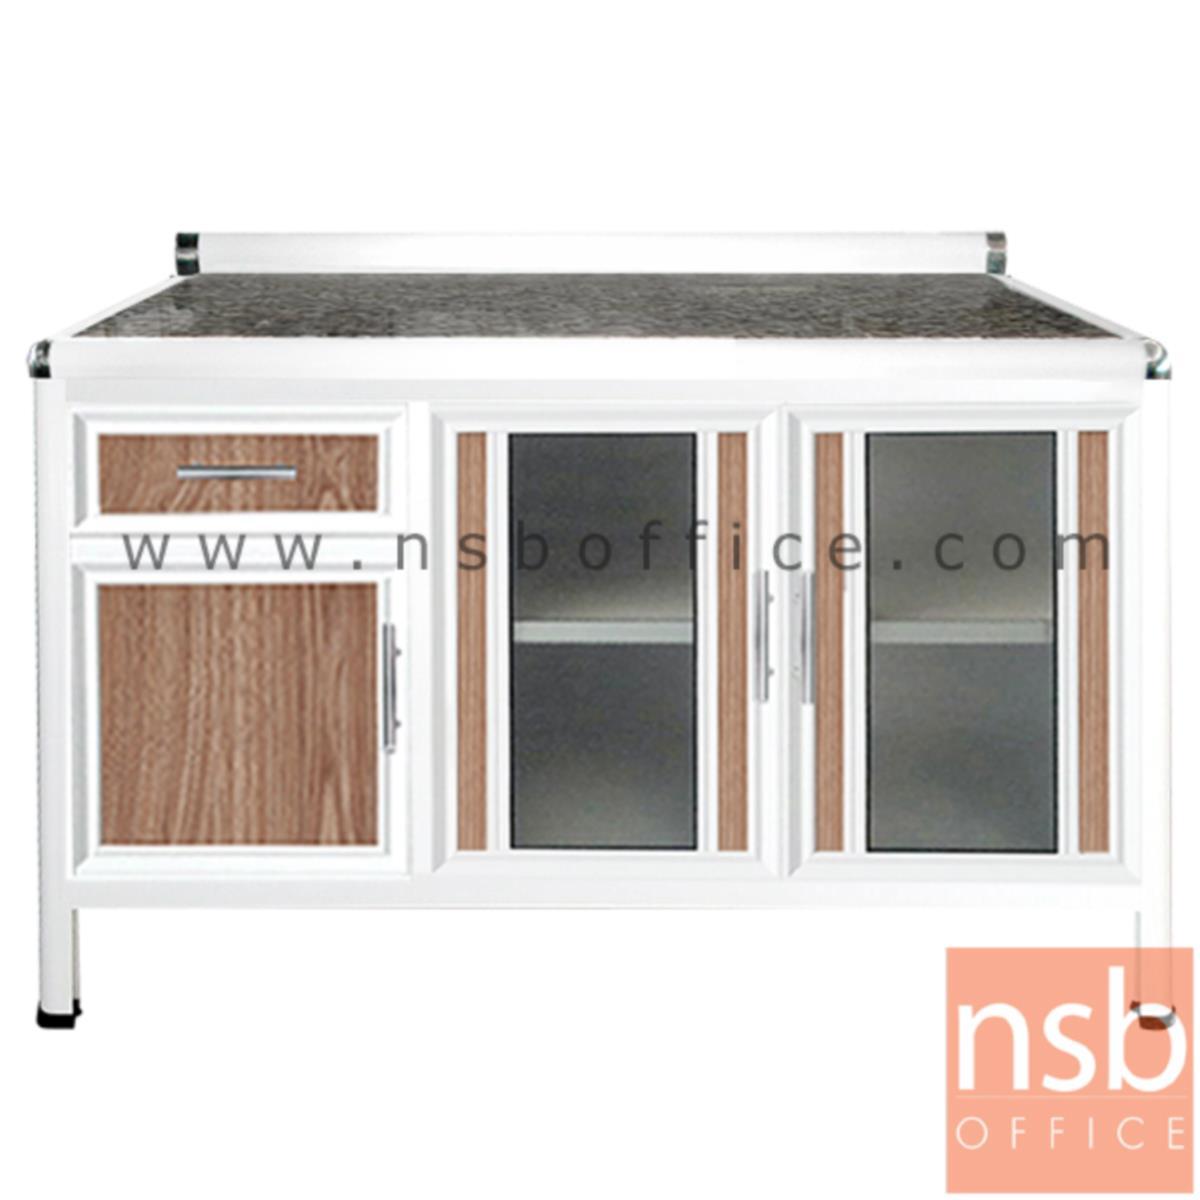 G07A129:ตู้ครัวตอนล่างอลูมิเนียมหน้าเรียบกว้าง 120 ซม